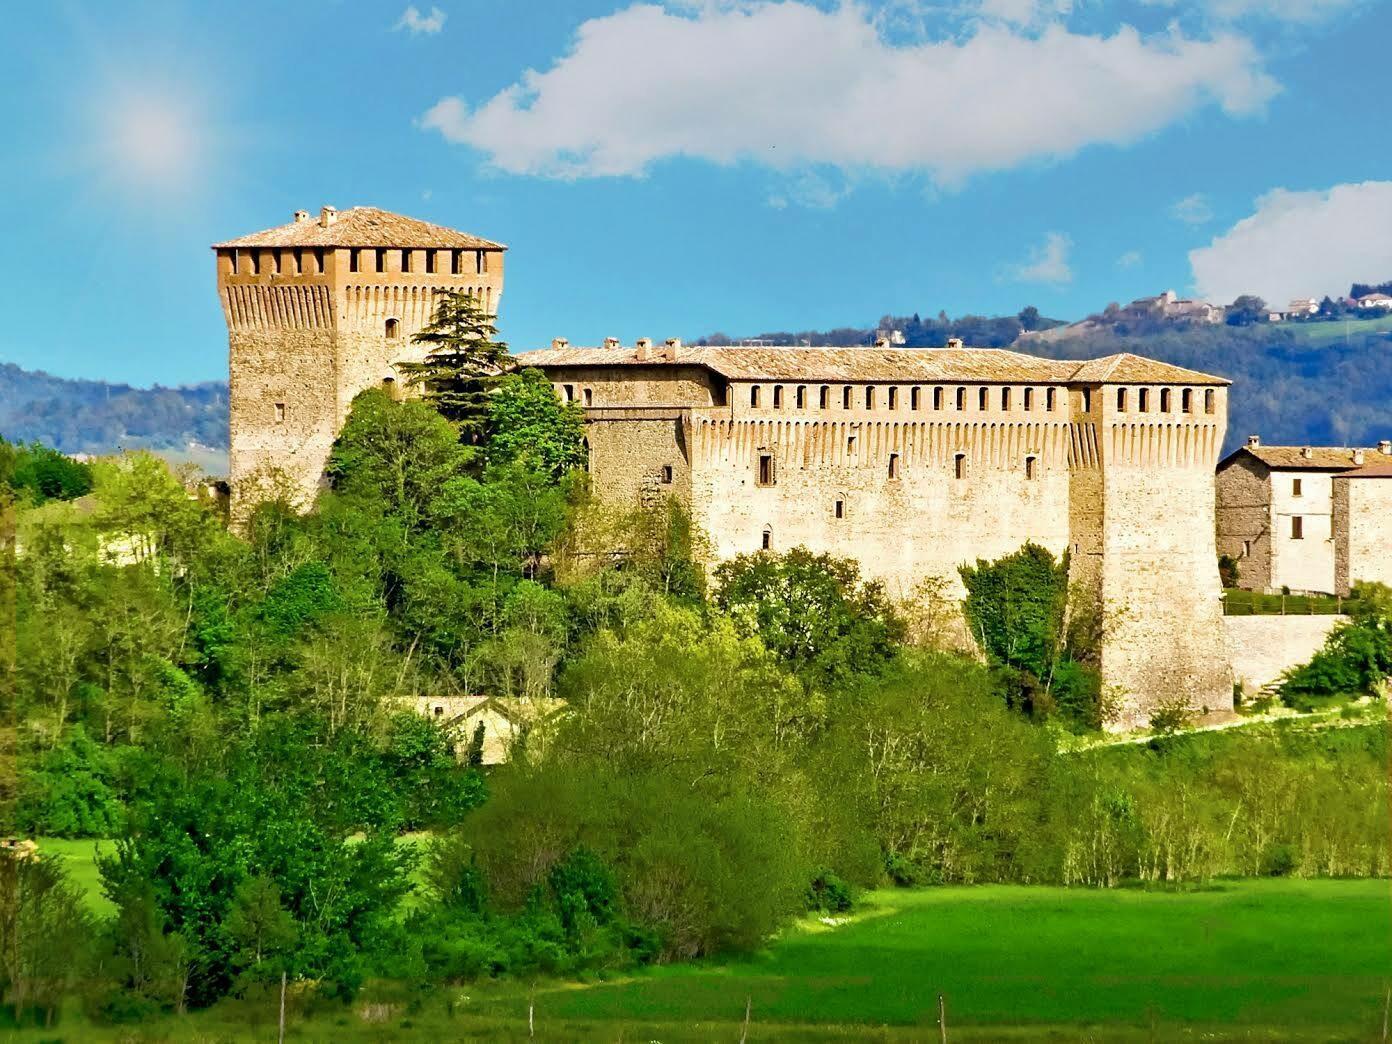 VISITA IN NOTTURNA - STORIA & LEGGENDE al Castello Pallavicino di Varano